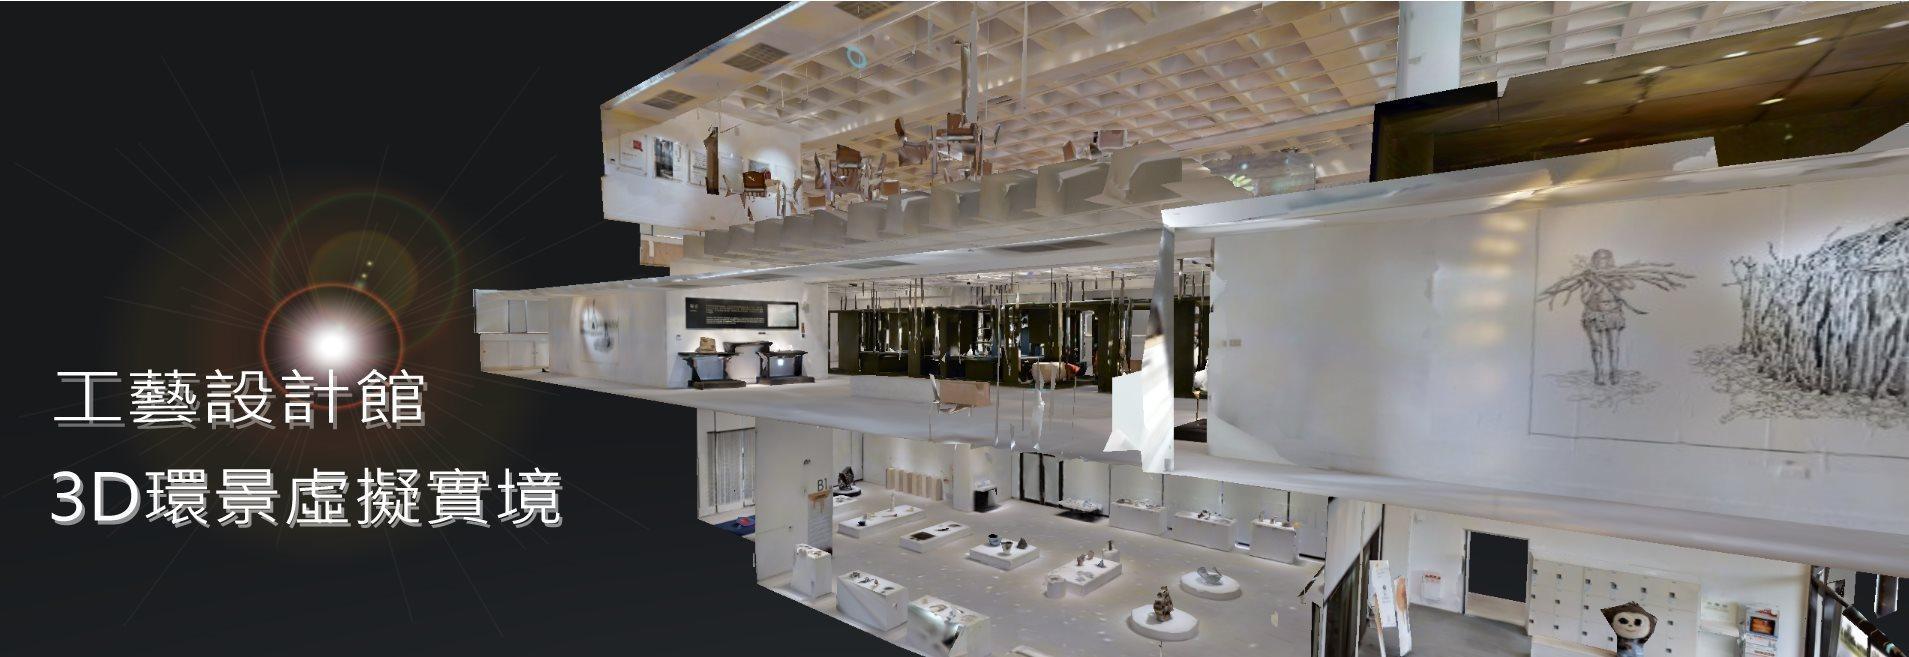 工藝設計館3D環景虛擬實境[另開新視窗]